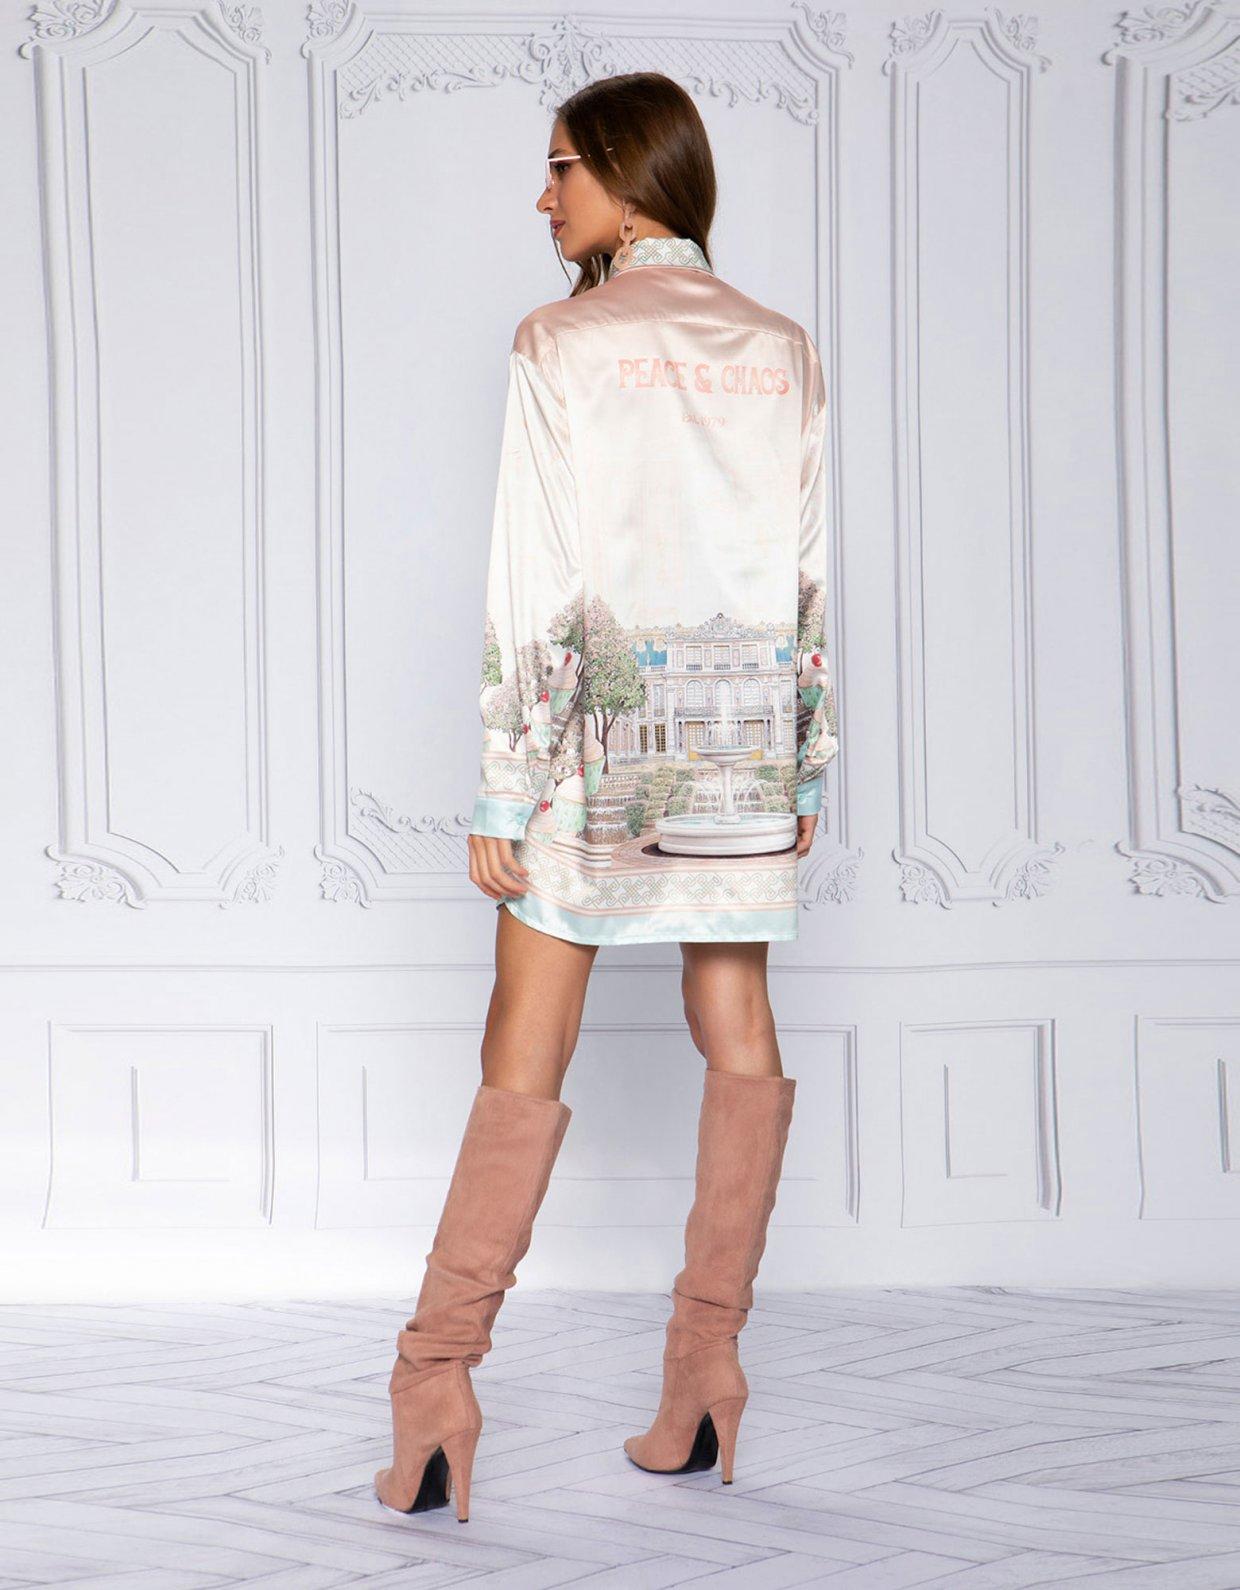 Peace & Chaos Versailles satin shirt